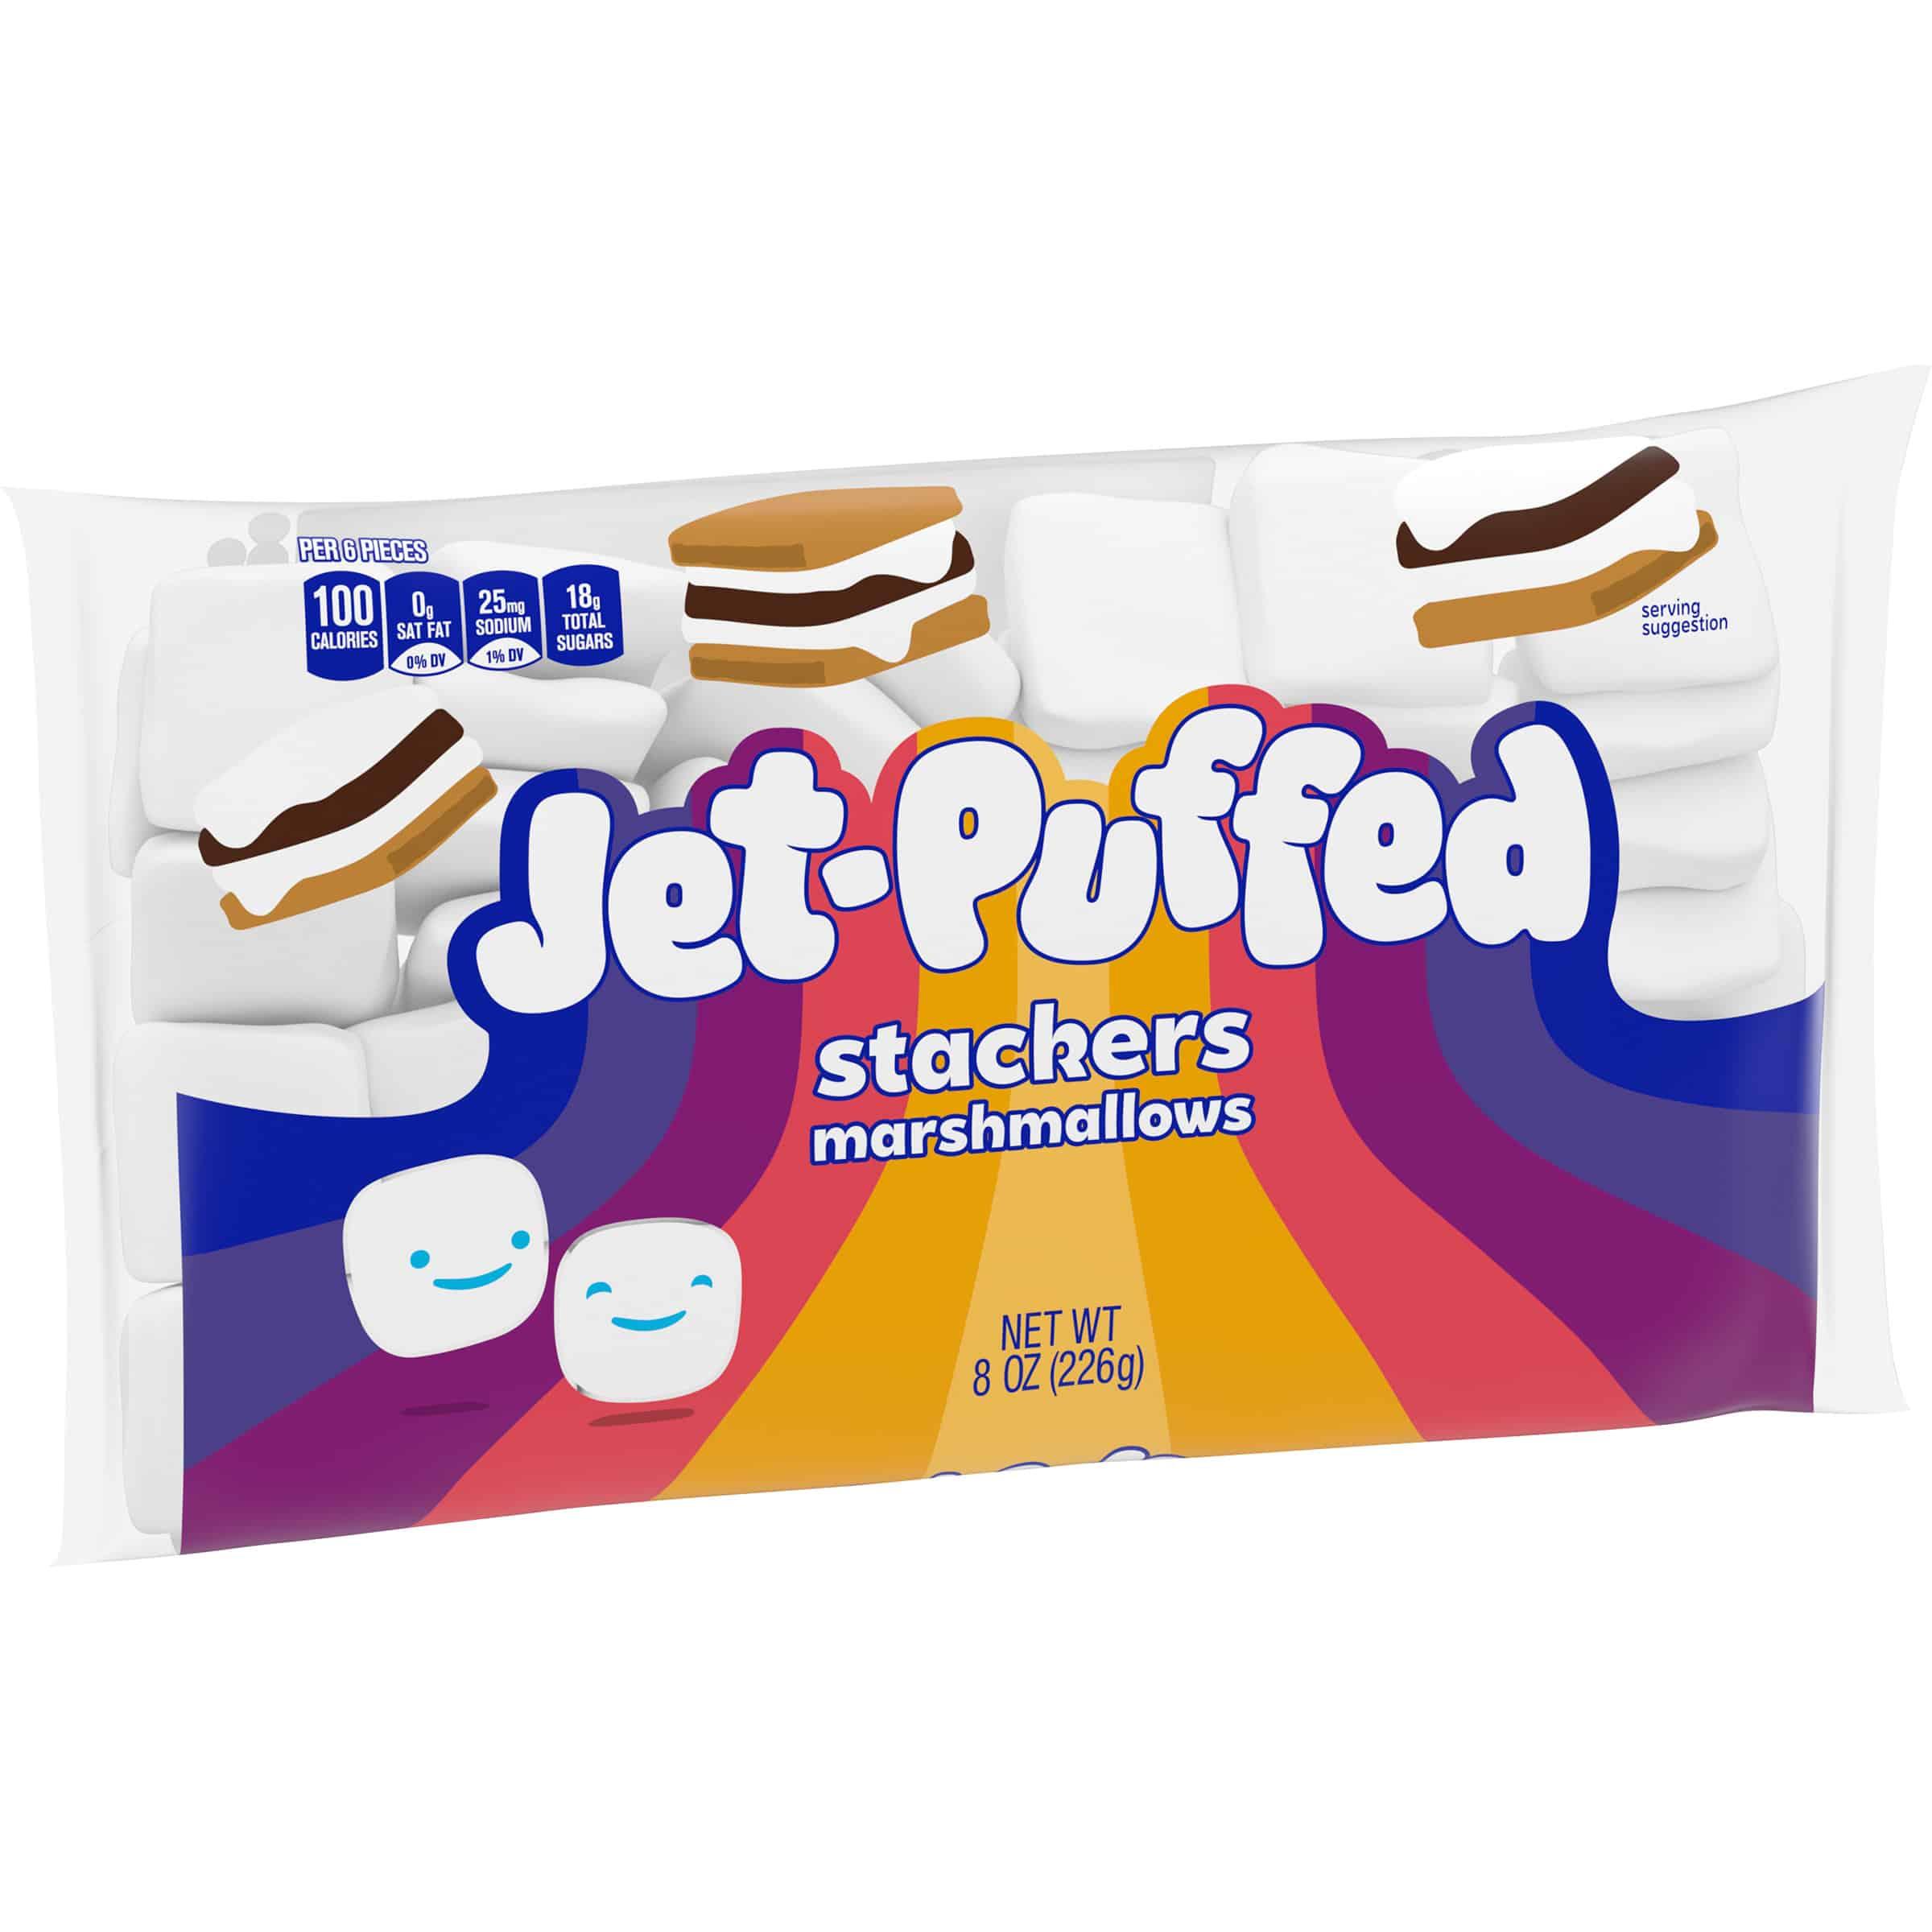 Jet-Puffed StackerMallows Marshmallows